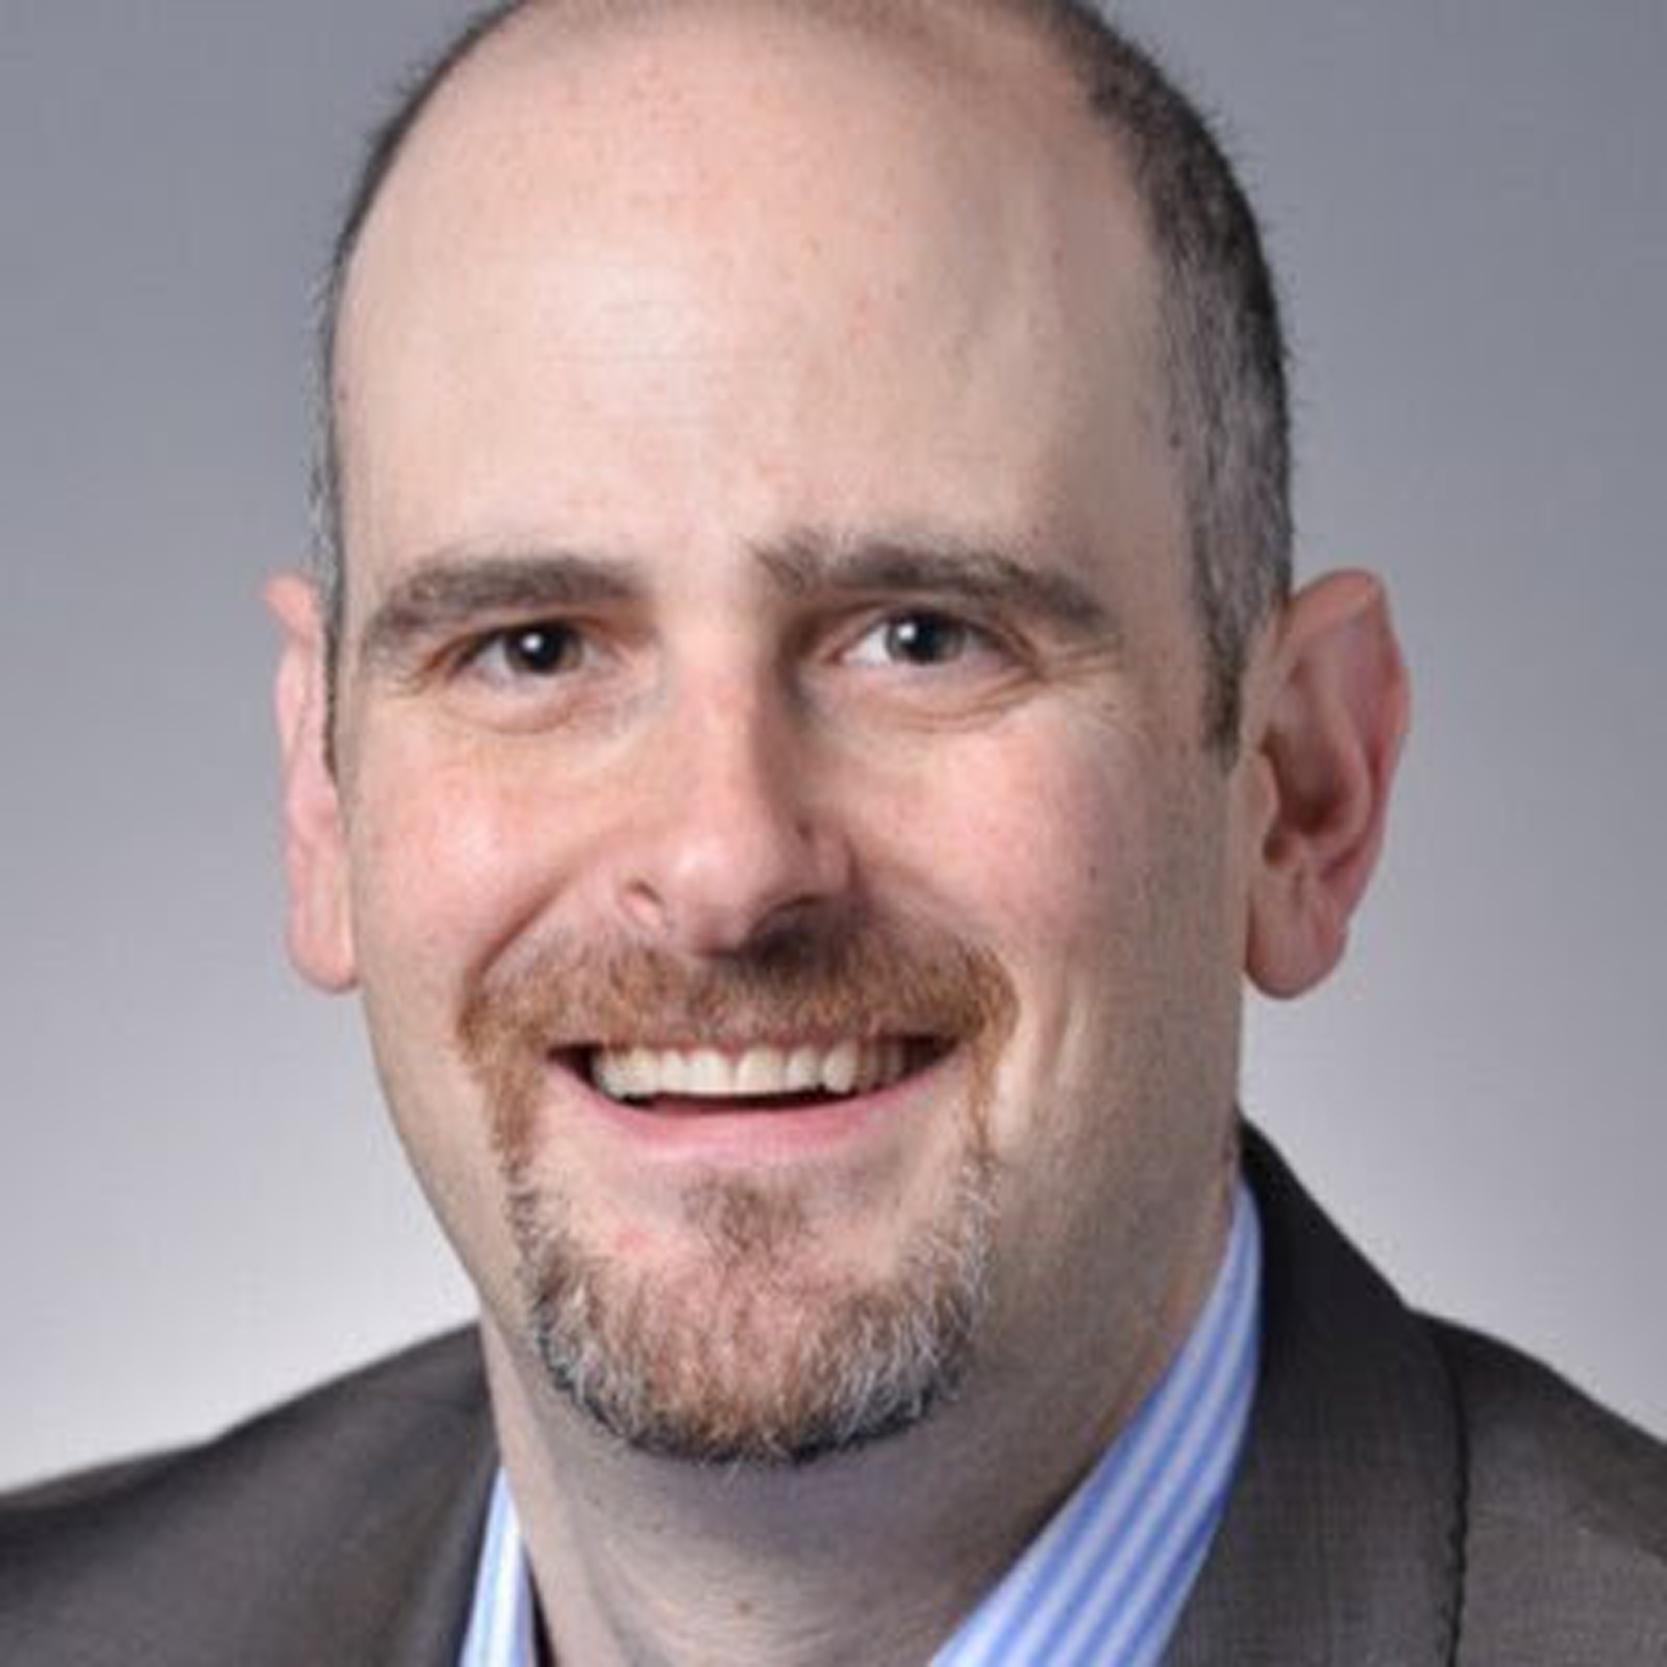 Shawn Rosemarin - Vice Presidente de Soluções e Produtos das Américas da Hitachi Data Systems (HDS)